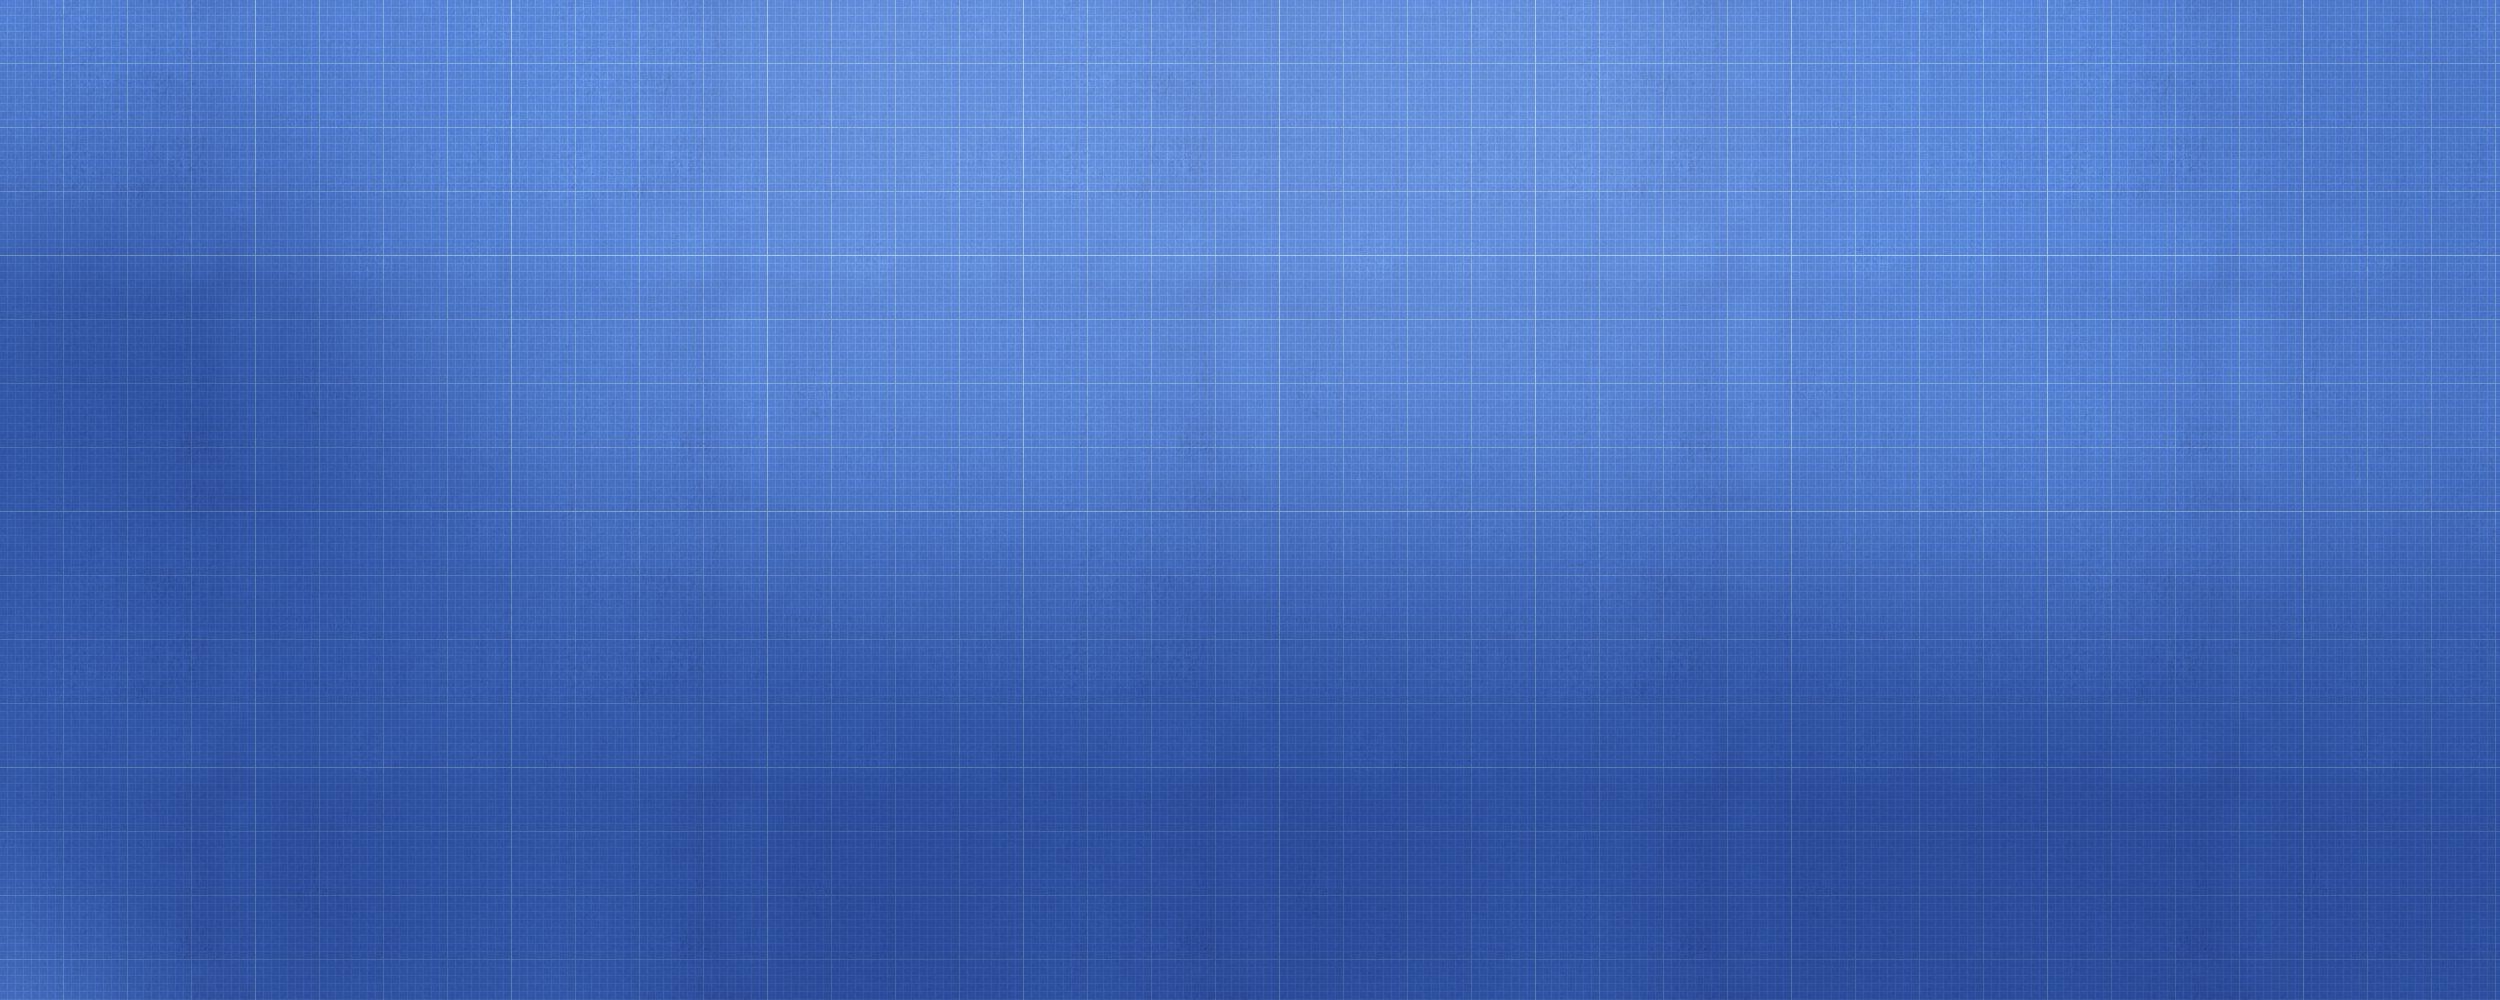 Blueprint wallpaper chrismj